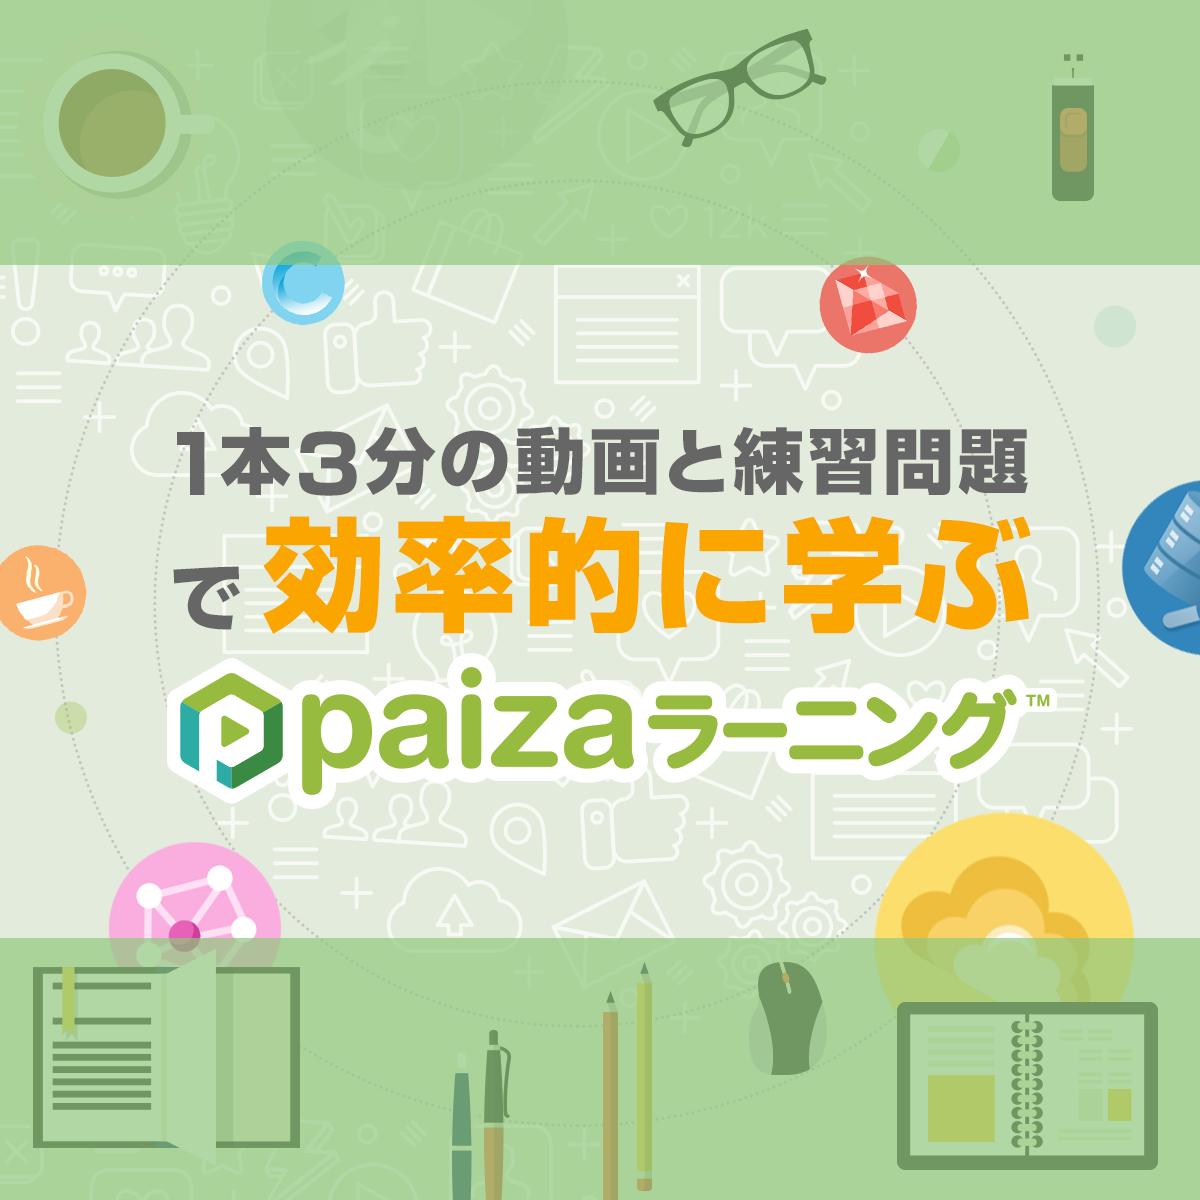 初心者でも楽しく学べるプログラミング入門サービス | paizaラーニング